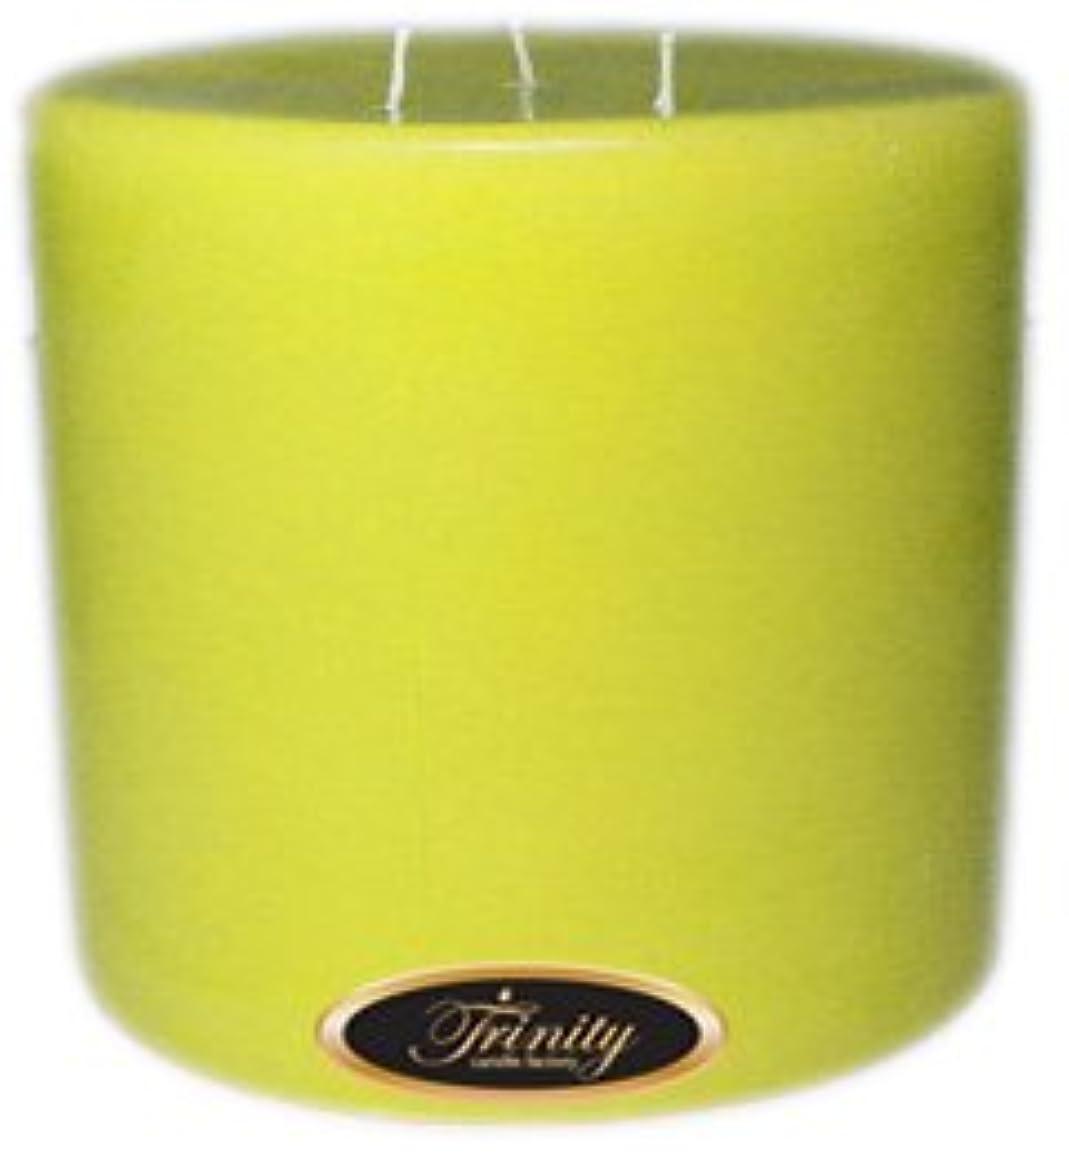 交差点ペンフレンドより良いTrinity Candle工場 – レモンシフォン – Pillar Candle – 6 x 6